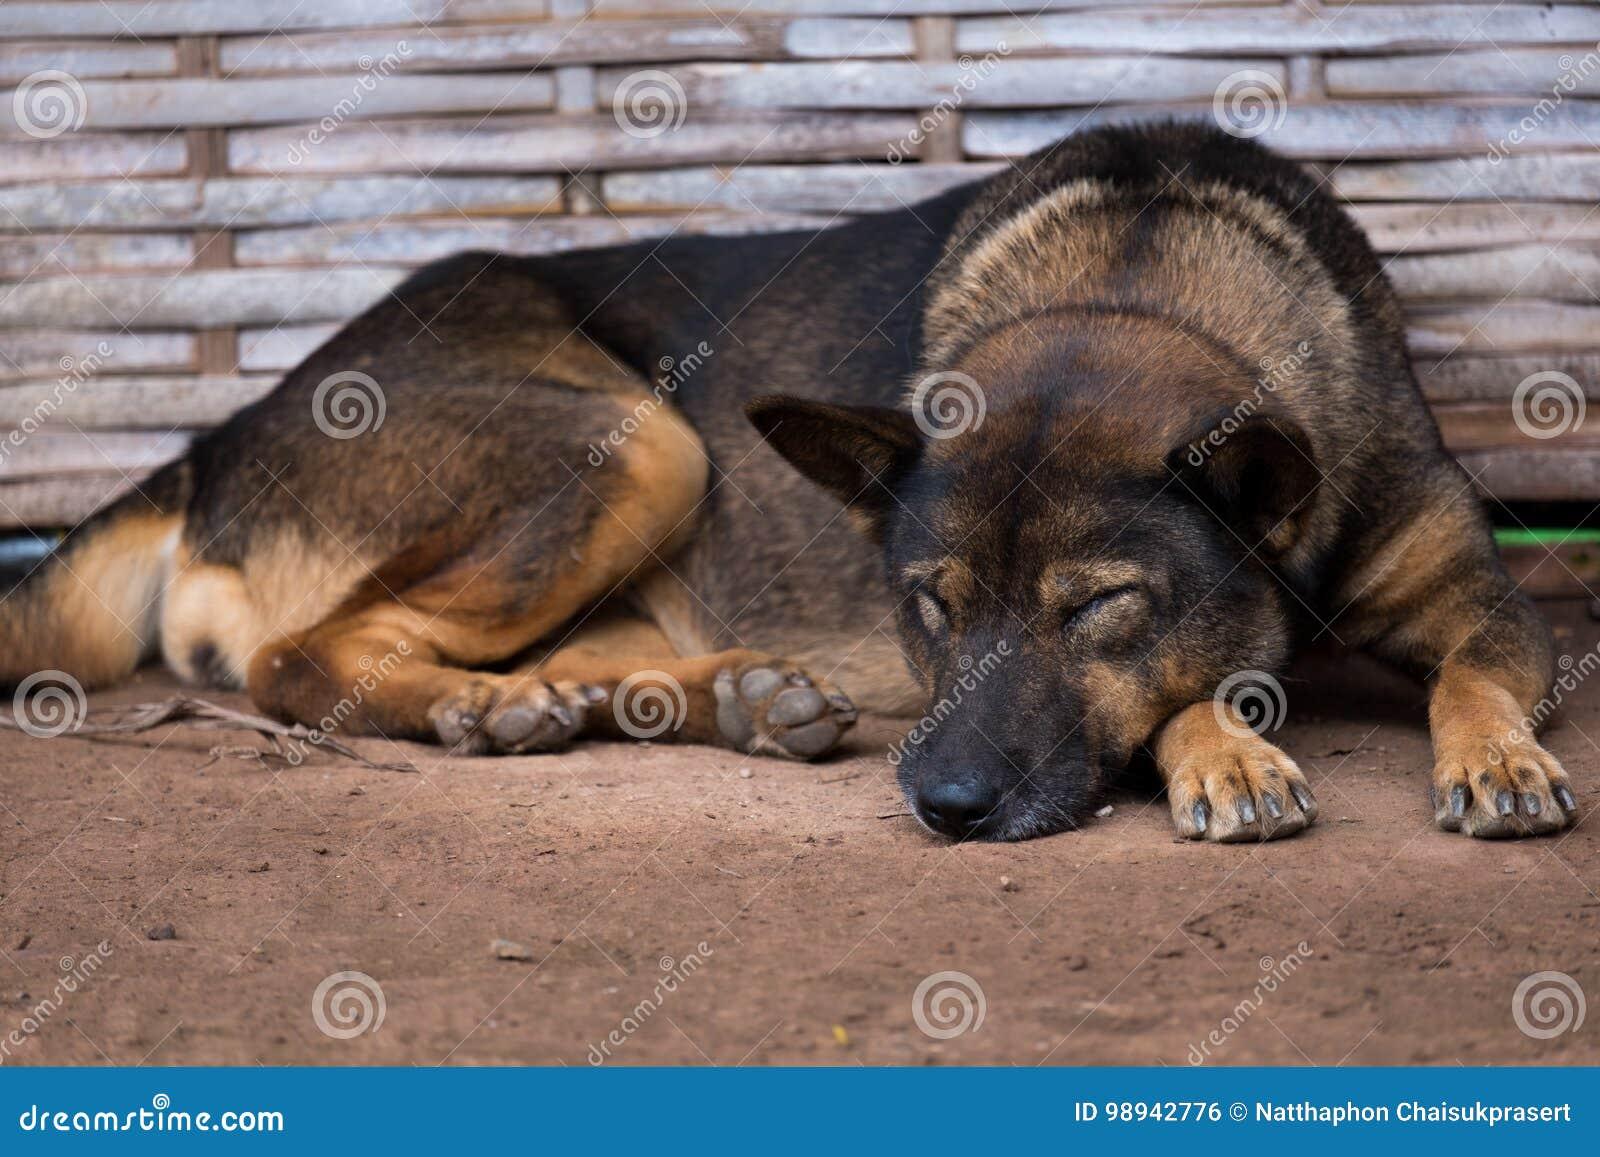 Der Schlafenhund lag auf Sand